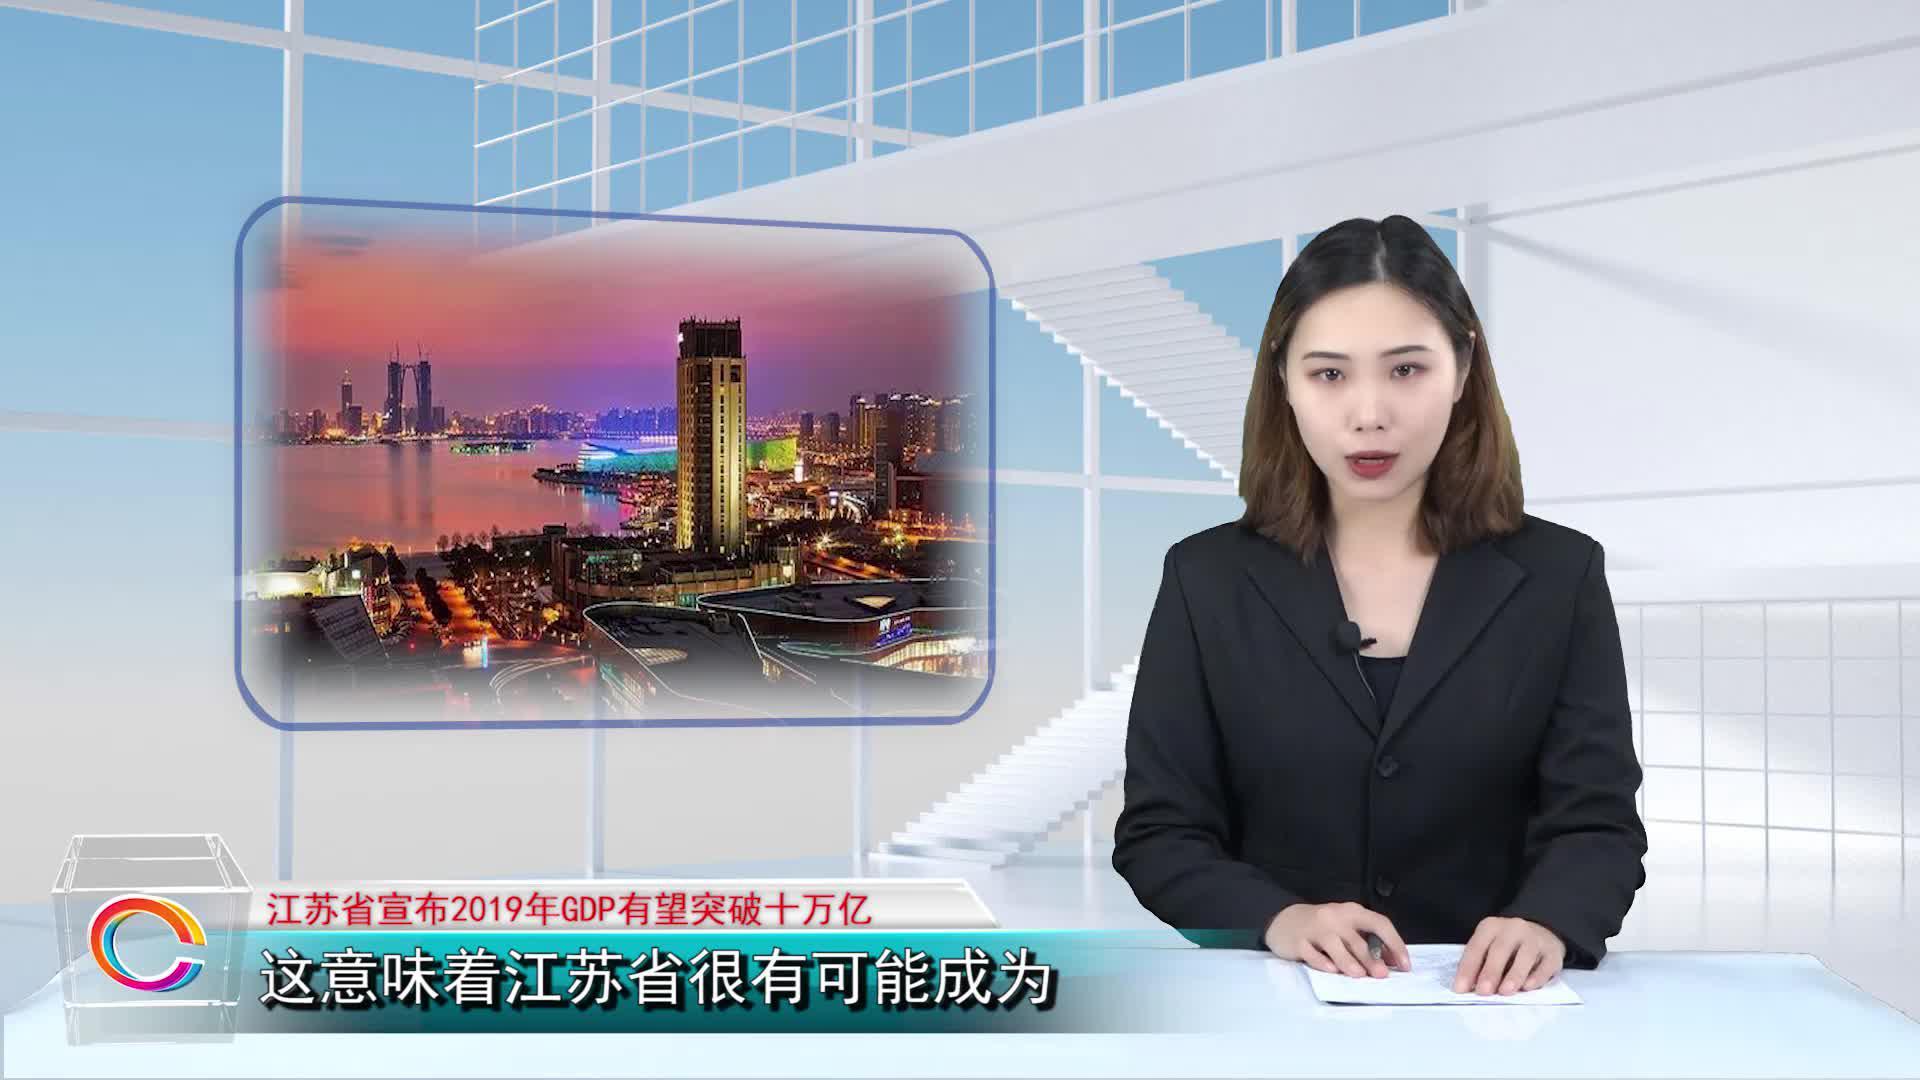 紧随其后!江苏省2019年生产总值有望突破十万亿